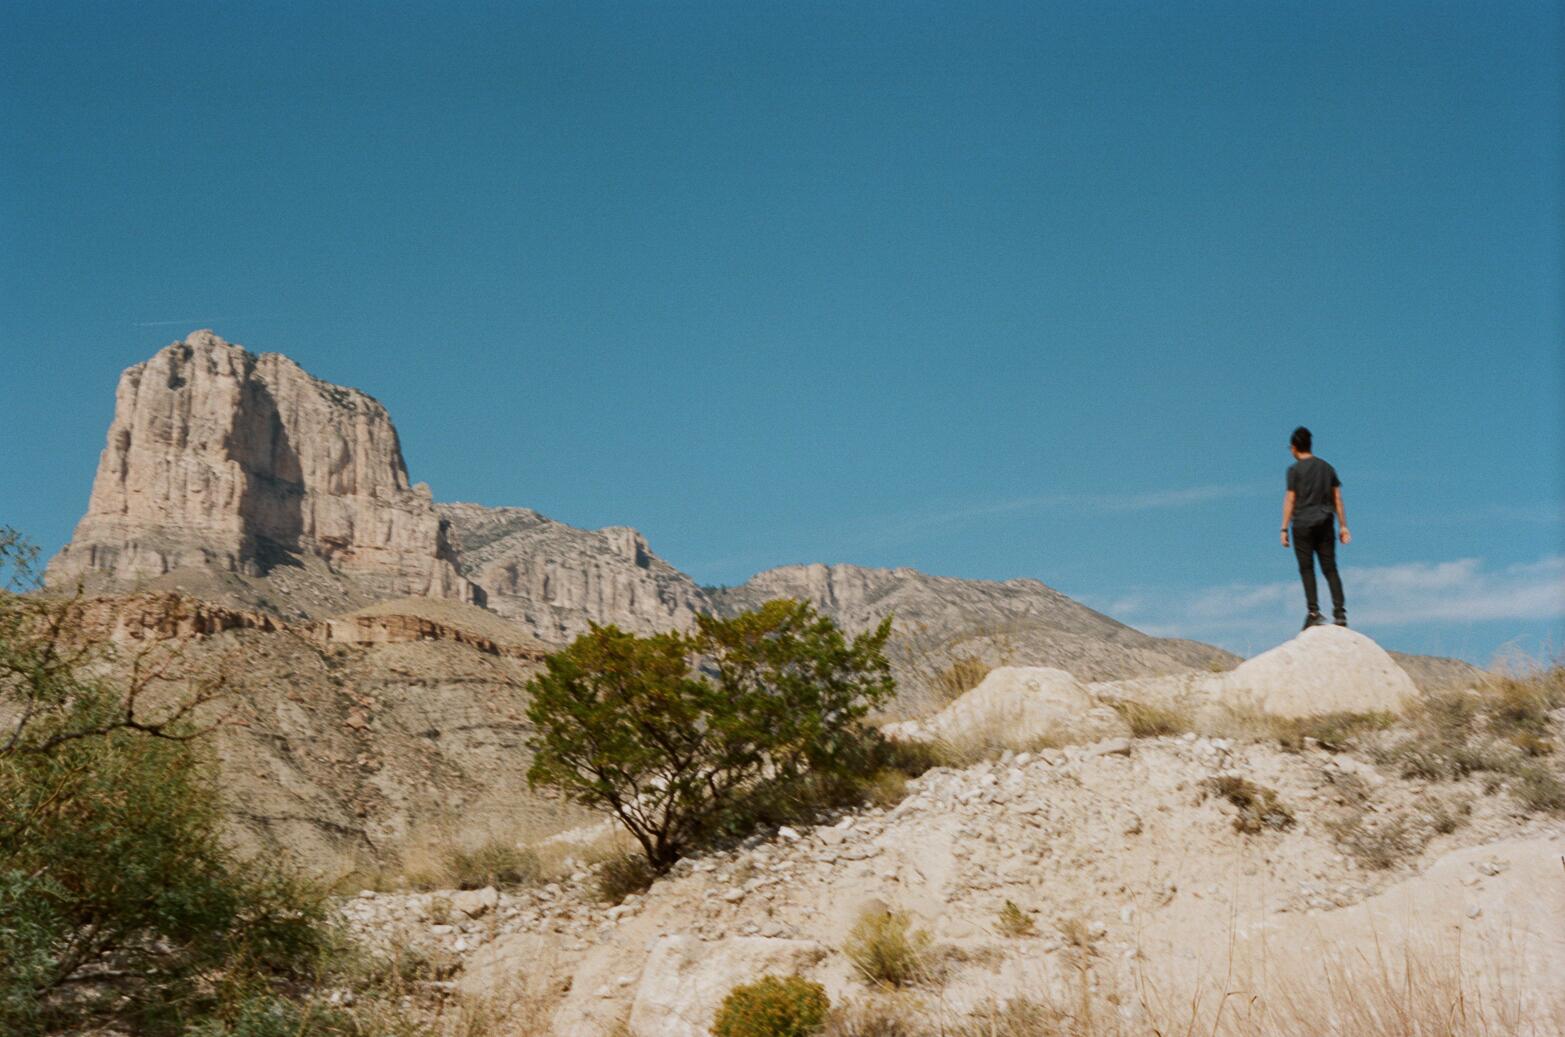 road-trip-el-capitan-texas-anderson-portra-160-1